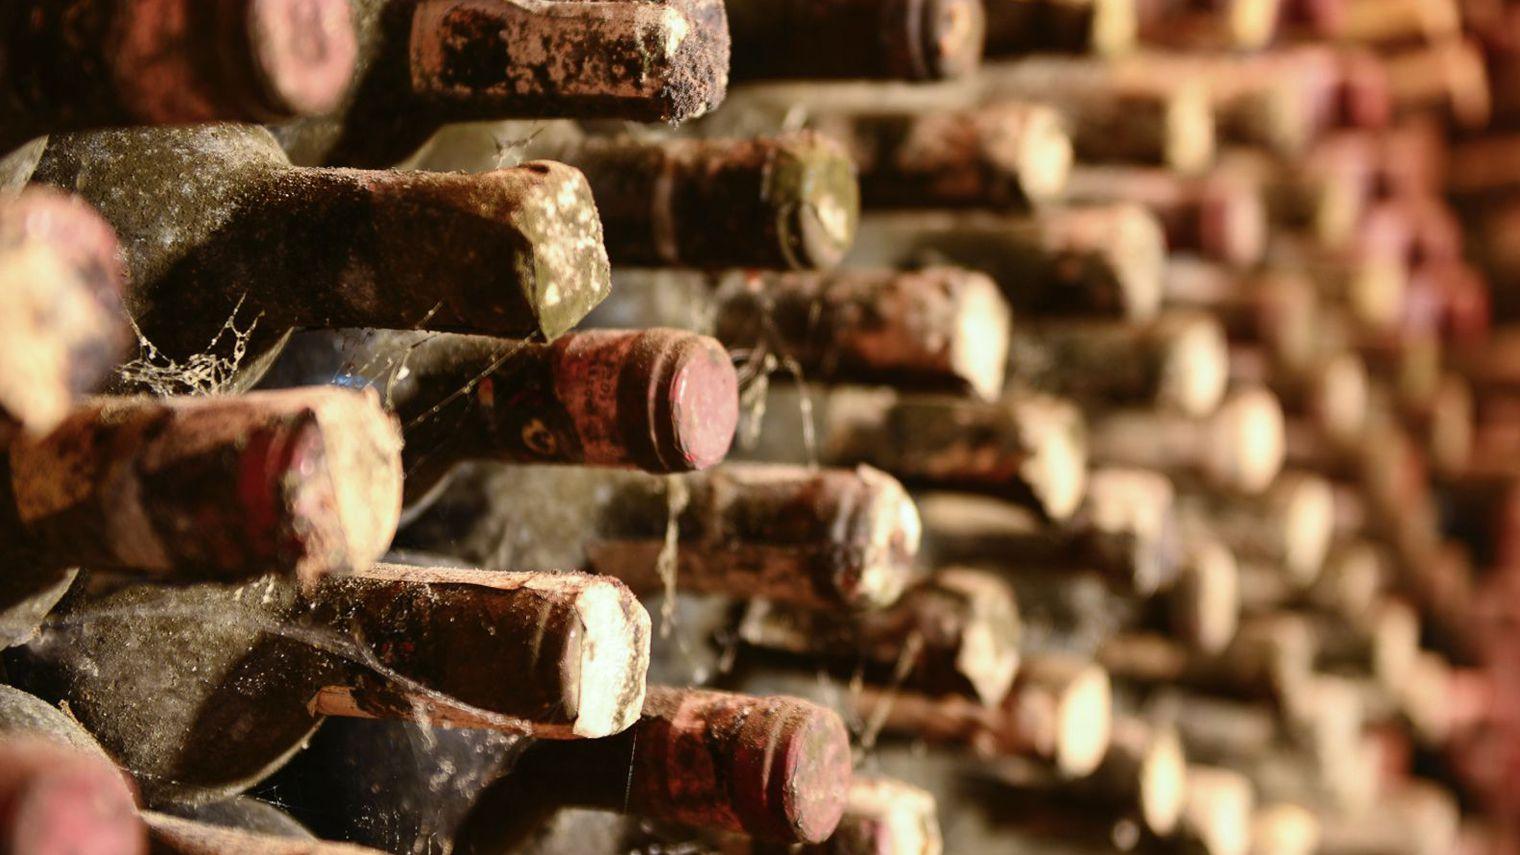 combien-de-temps-pouvez-vous-conserver-un-vin-blanc_5381503-1463584196.jpg